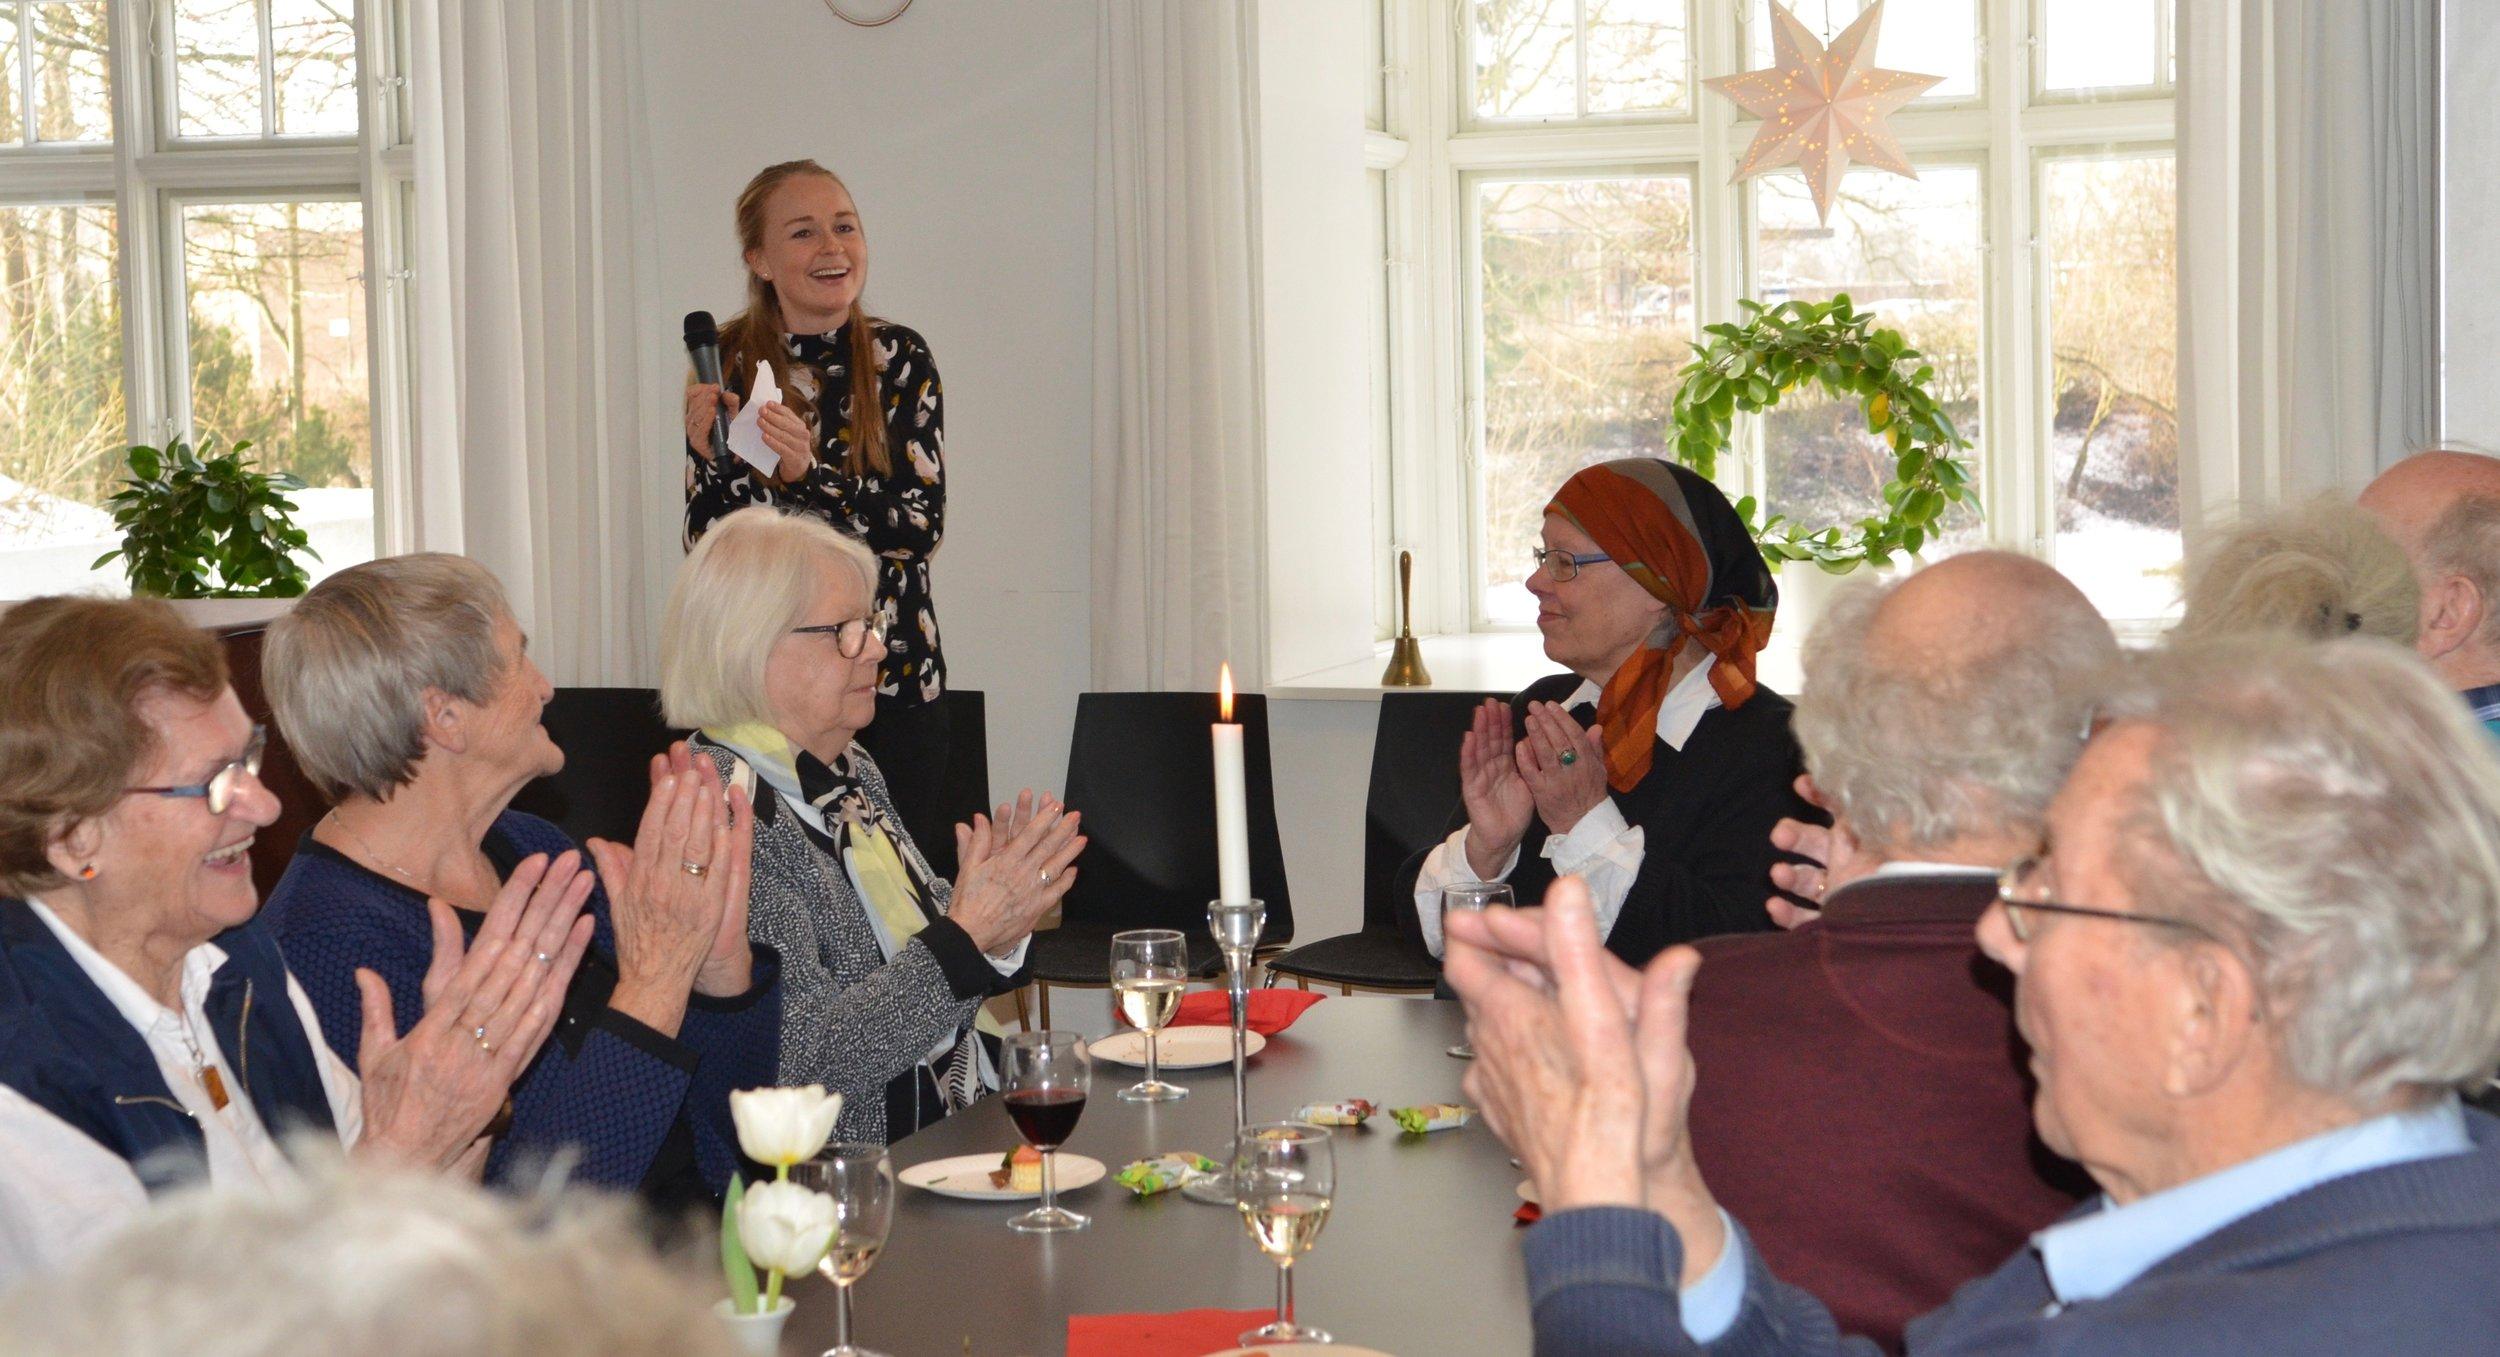 Også vores sognepræst Kristine K. Ravn - som pt. har barselsorlov - holdt tale og ønskede Mathias Harding tillykke og glædede sig meget til det kommende samarbejde. Foto: AOB